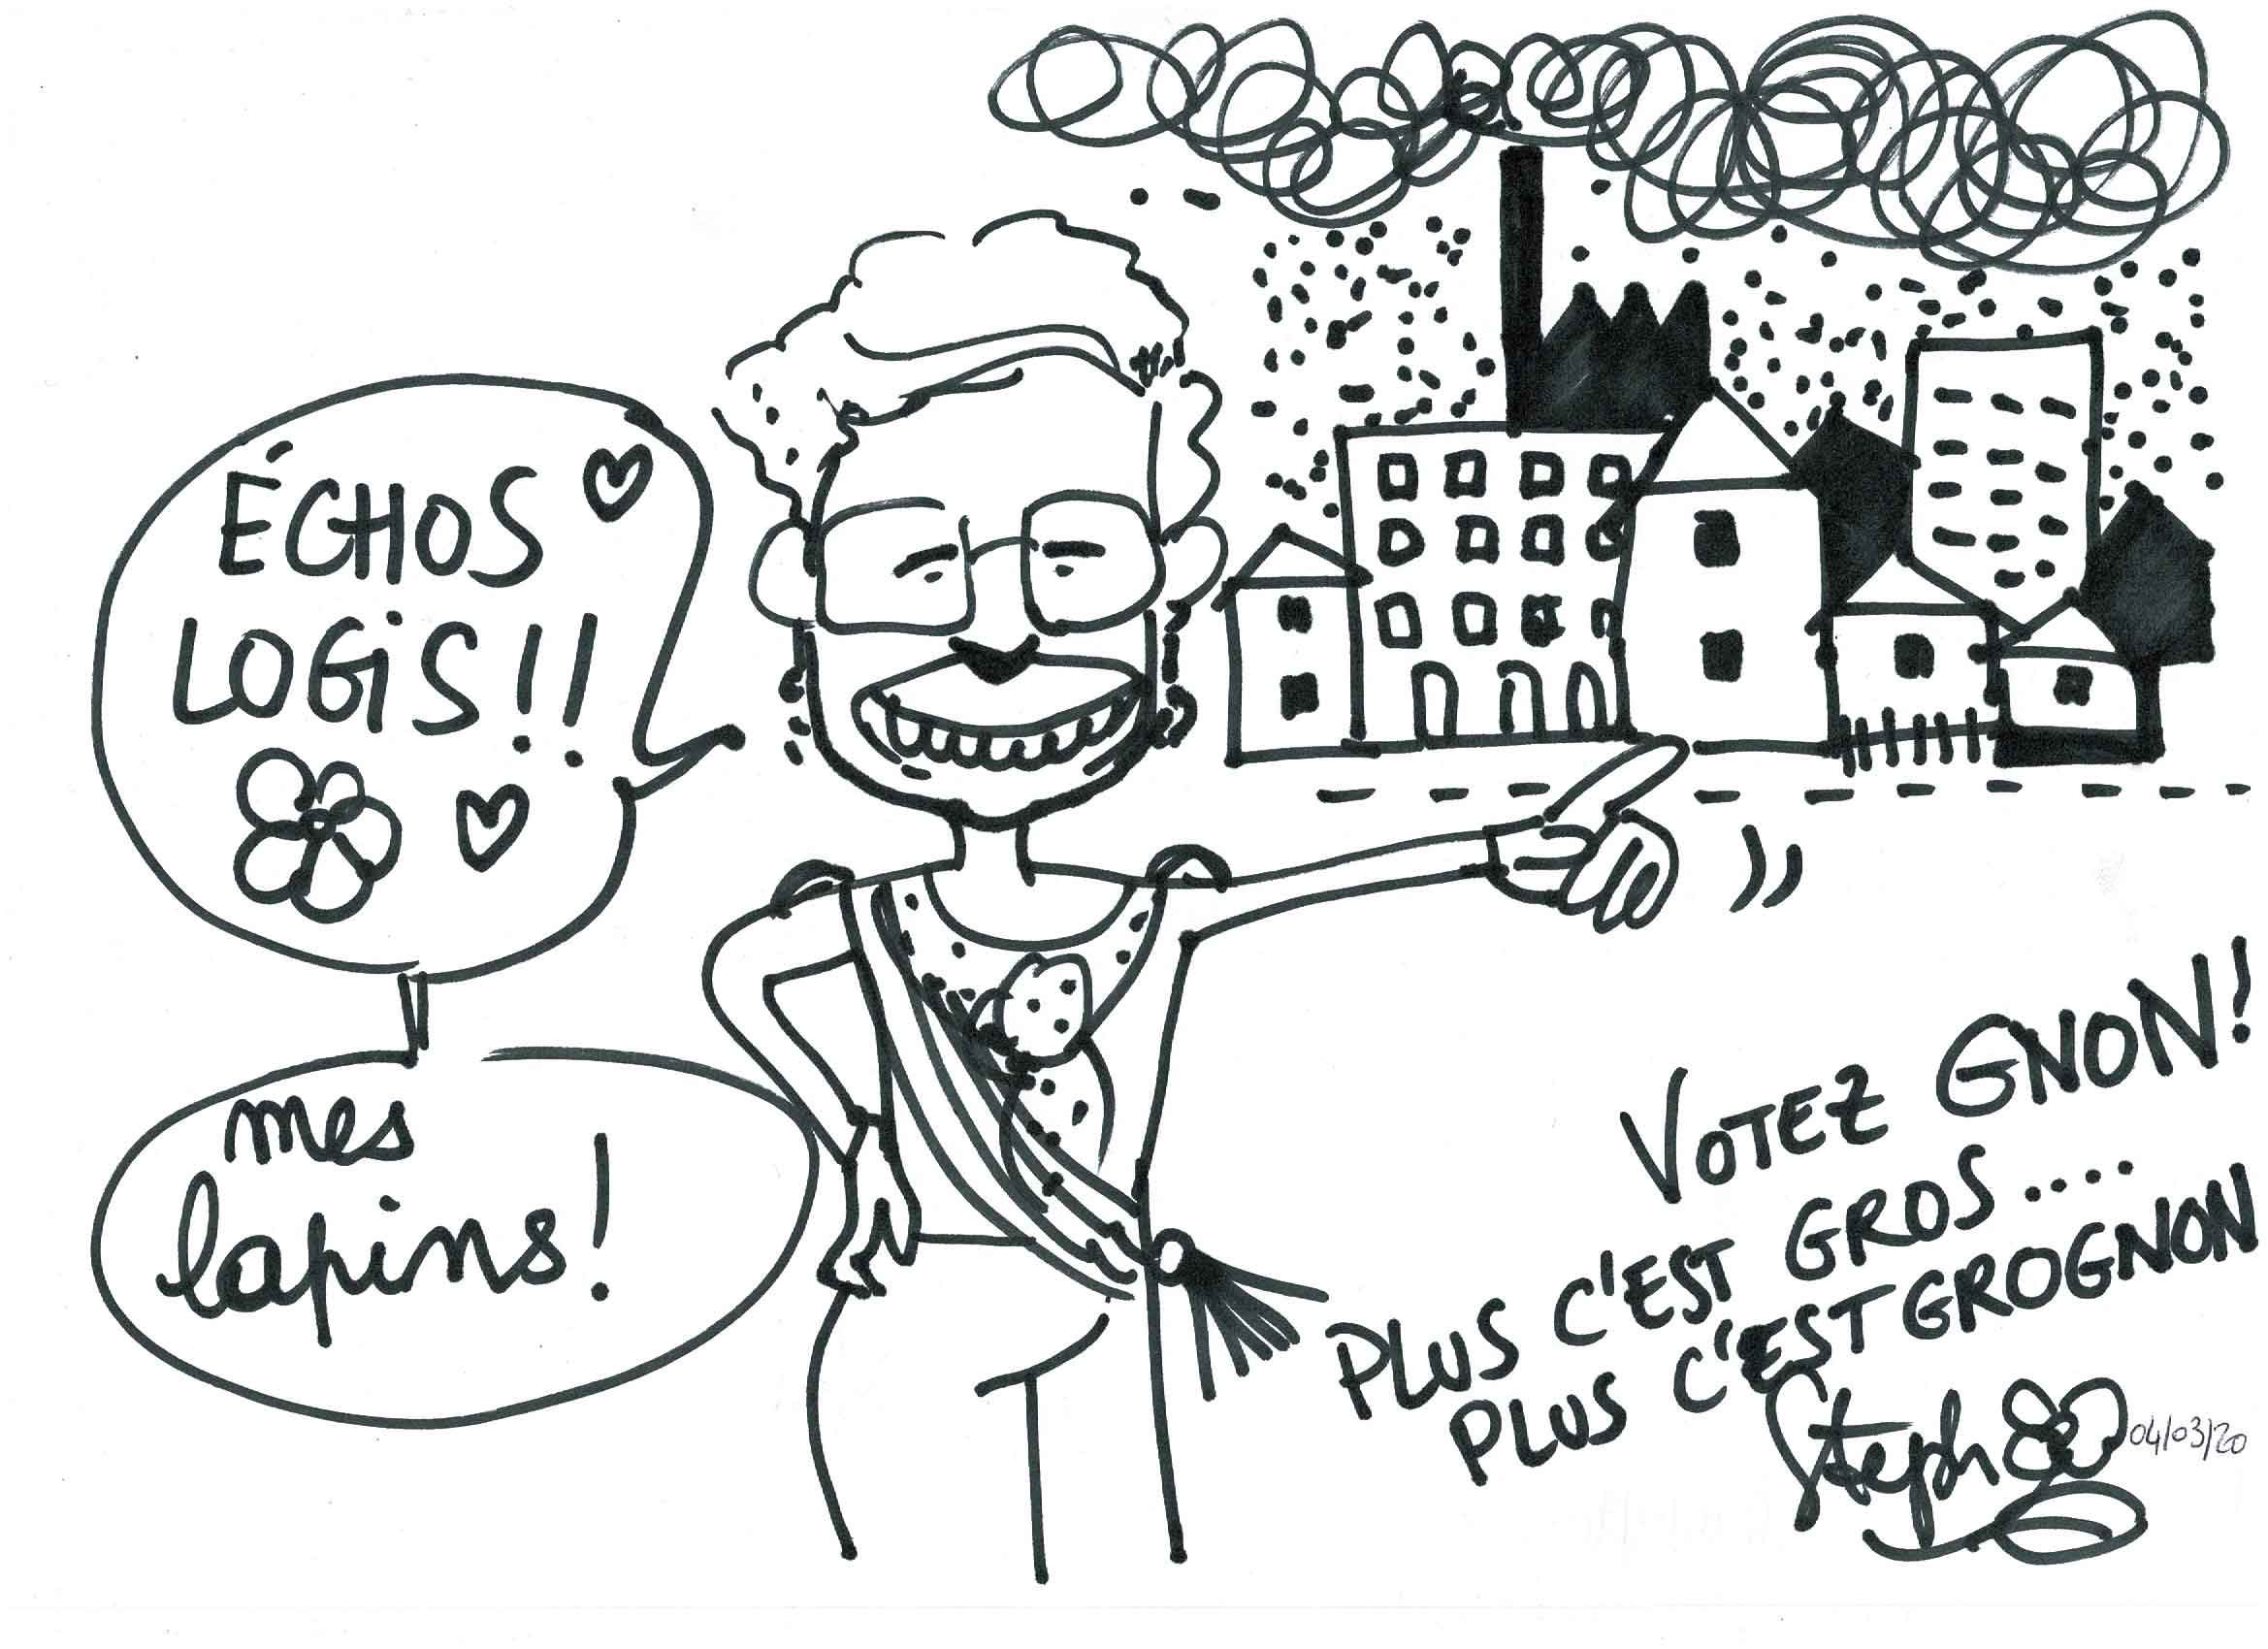 votez-GNON-la-pro-de-l'écologie.jpg